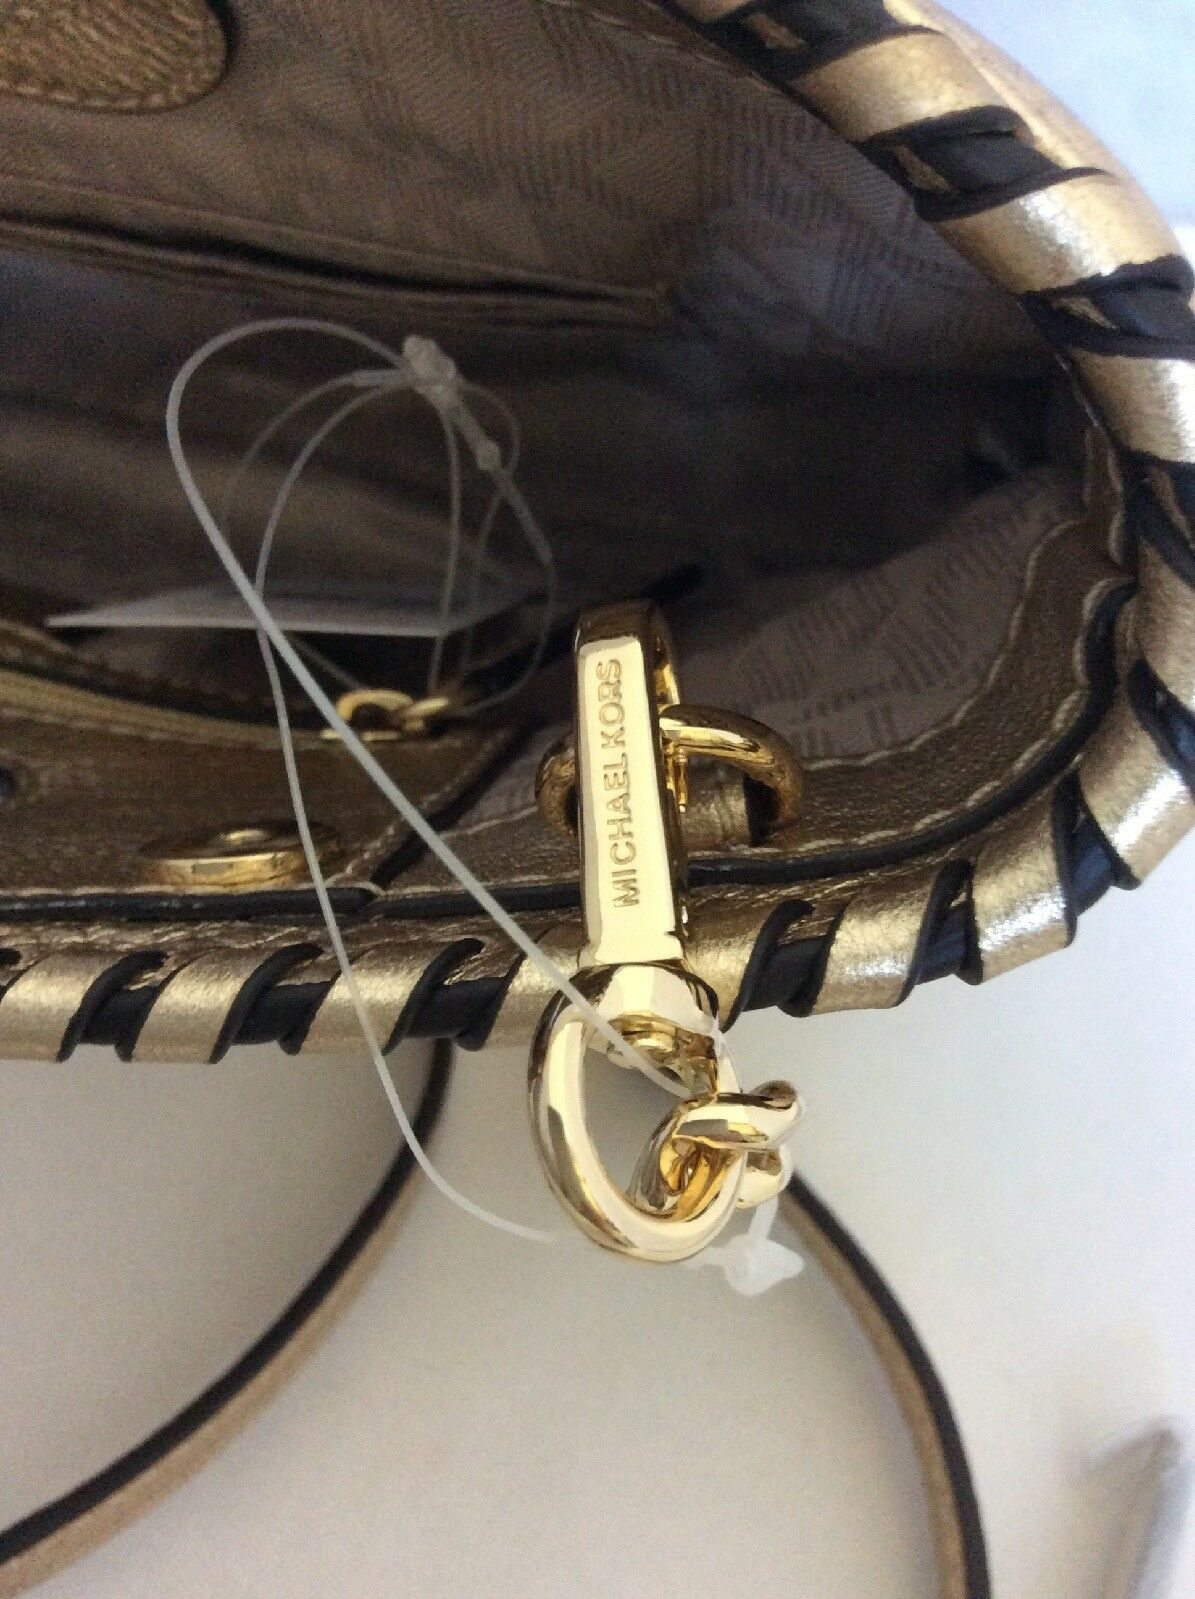 efb8a4c51c26 Michael Kors Rosalie Pale Gold LG Leather Clutch 30S6MS5C3M for sale online